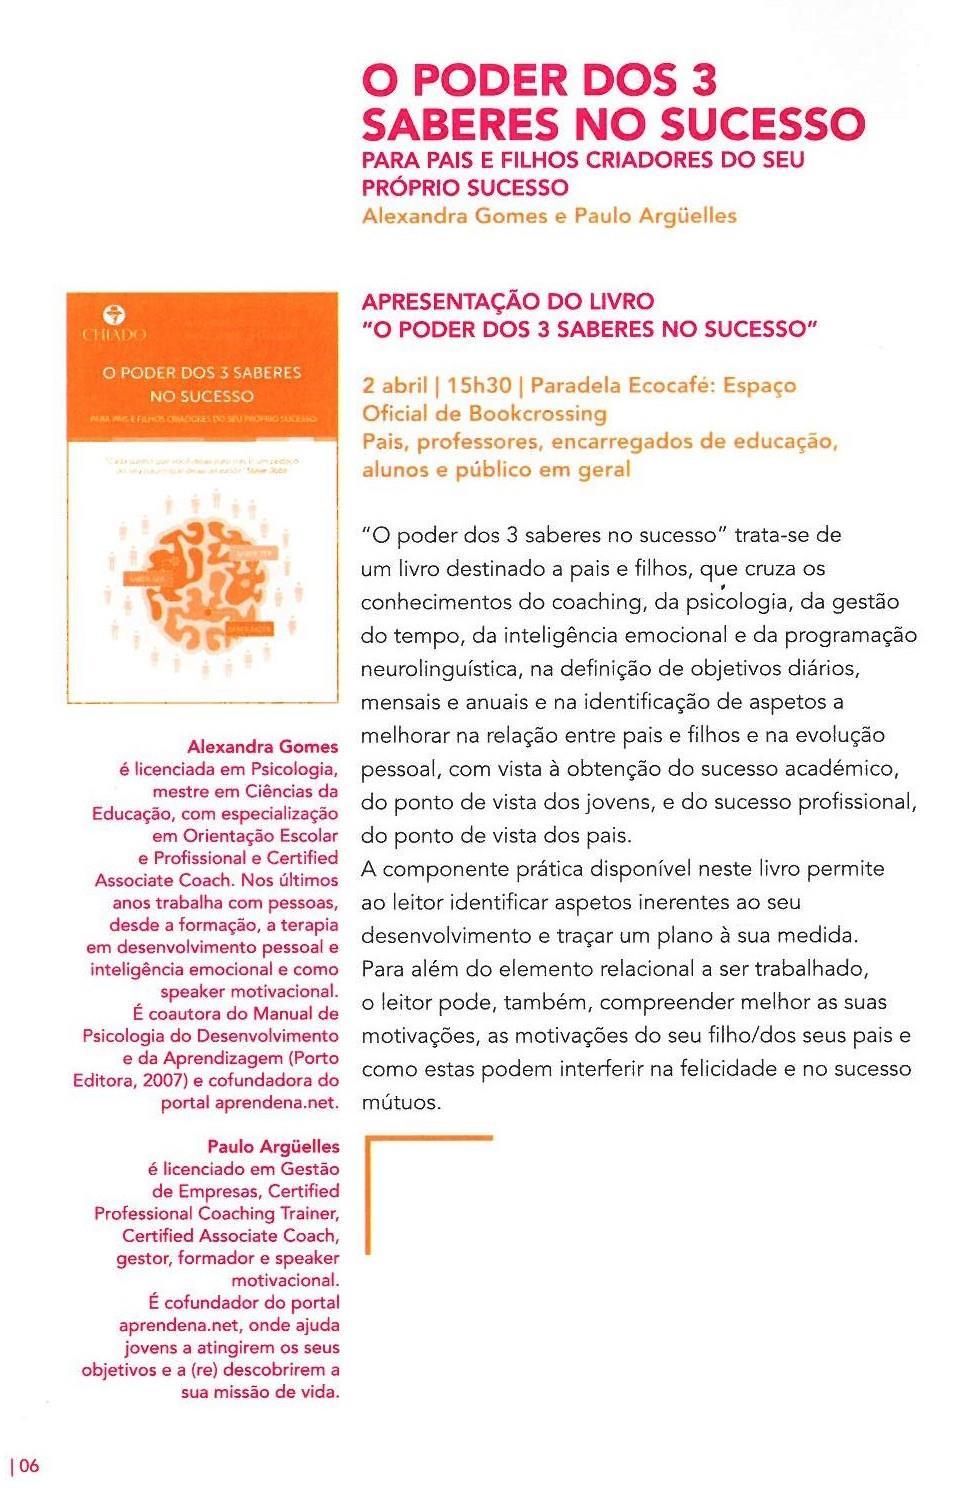 ACMSV-abr.,maio,jun.,jul.'16-p.6-O poder dos 3 saberes no sucesso : para pais e filhos criadores do seu próprio sucesso : apresentação do livro.jpg